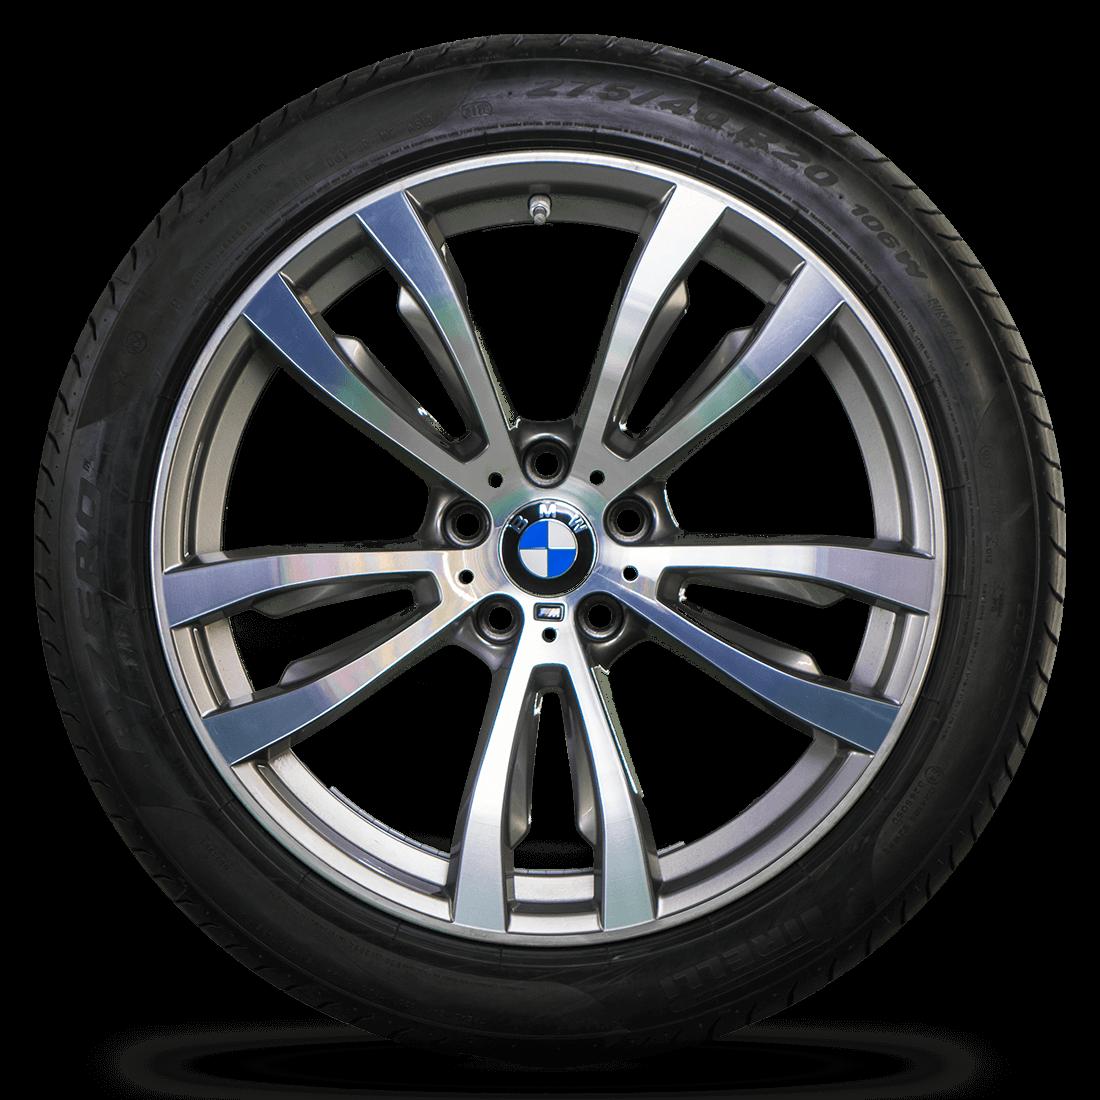 Bmw X6 Styling: BMW 20 Zoll Alufelgen X5 F15 X6 F16 Styling M469 Felgen